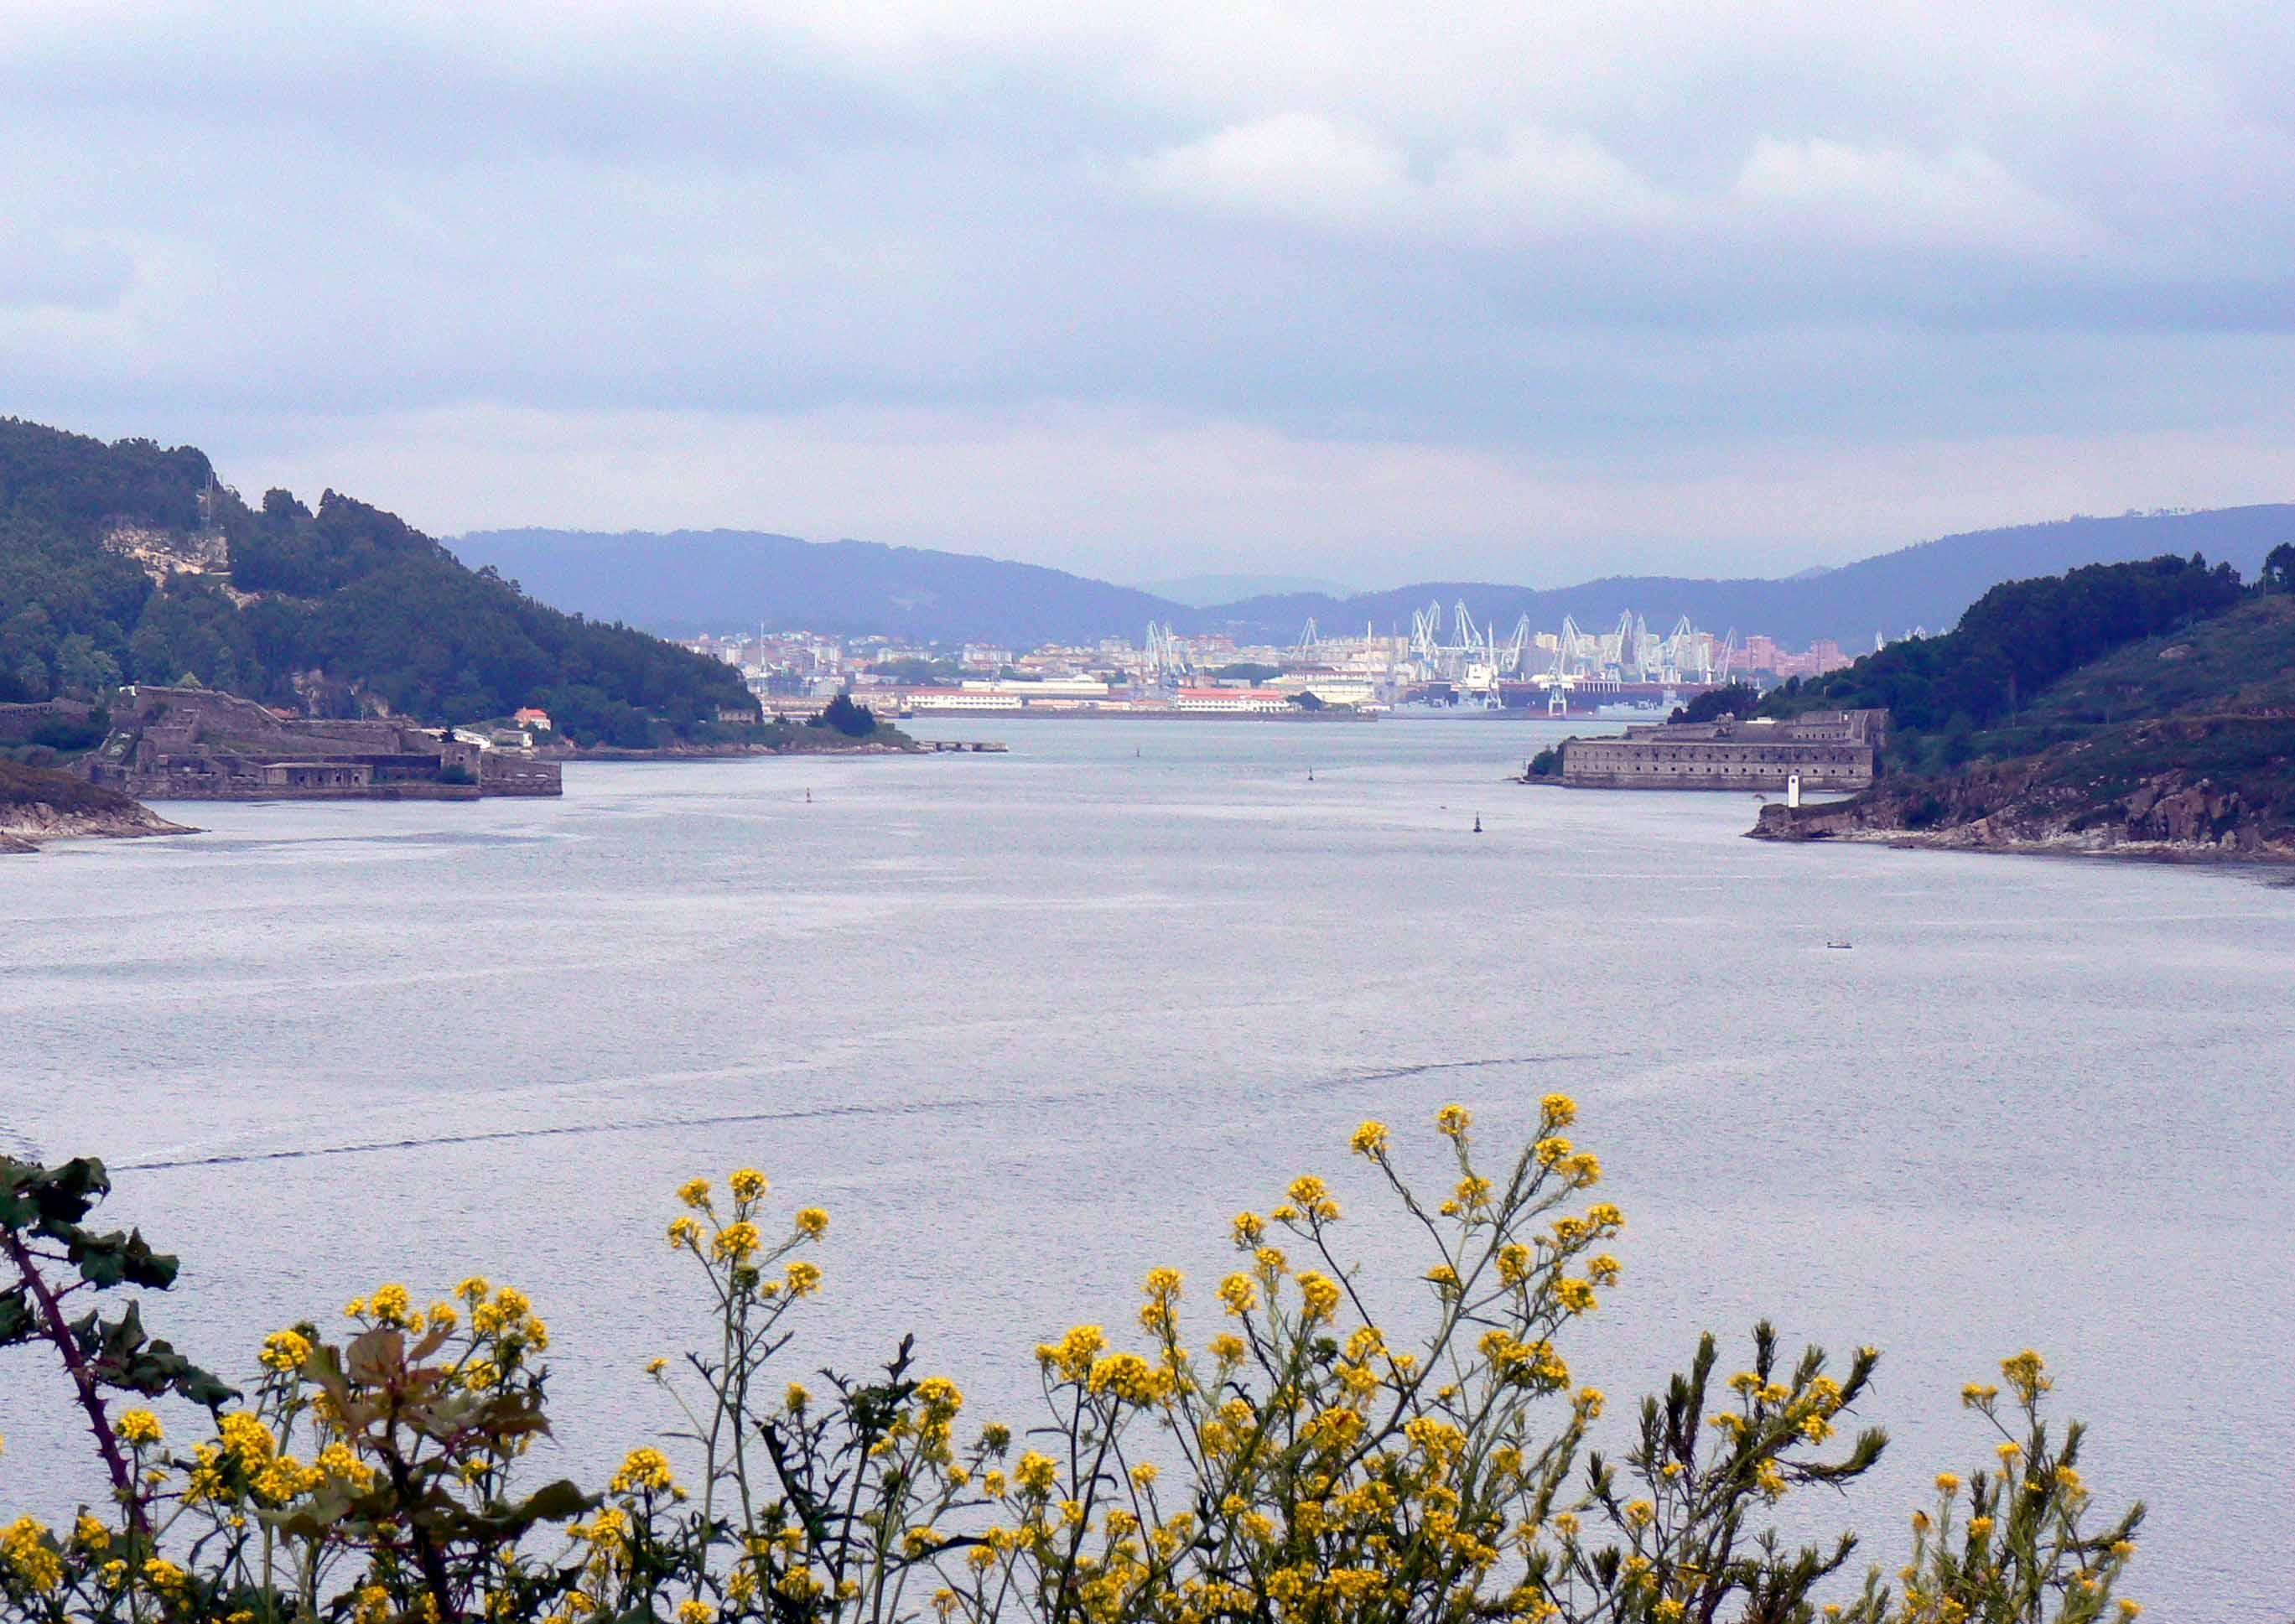 Foto playa Chanteiro. Desde Punta Segaño, entrada a la ría de Ferrol. Izquierda castillo de San Felipe, derecha castillo de La Palma